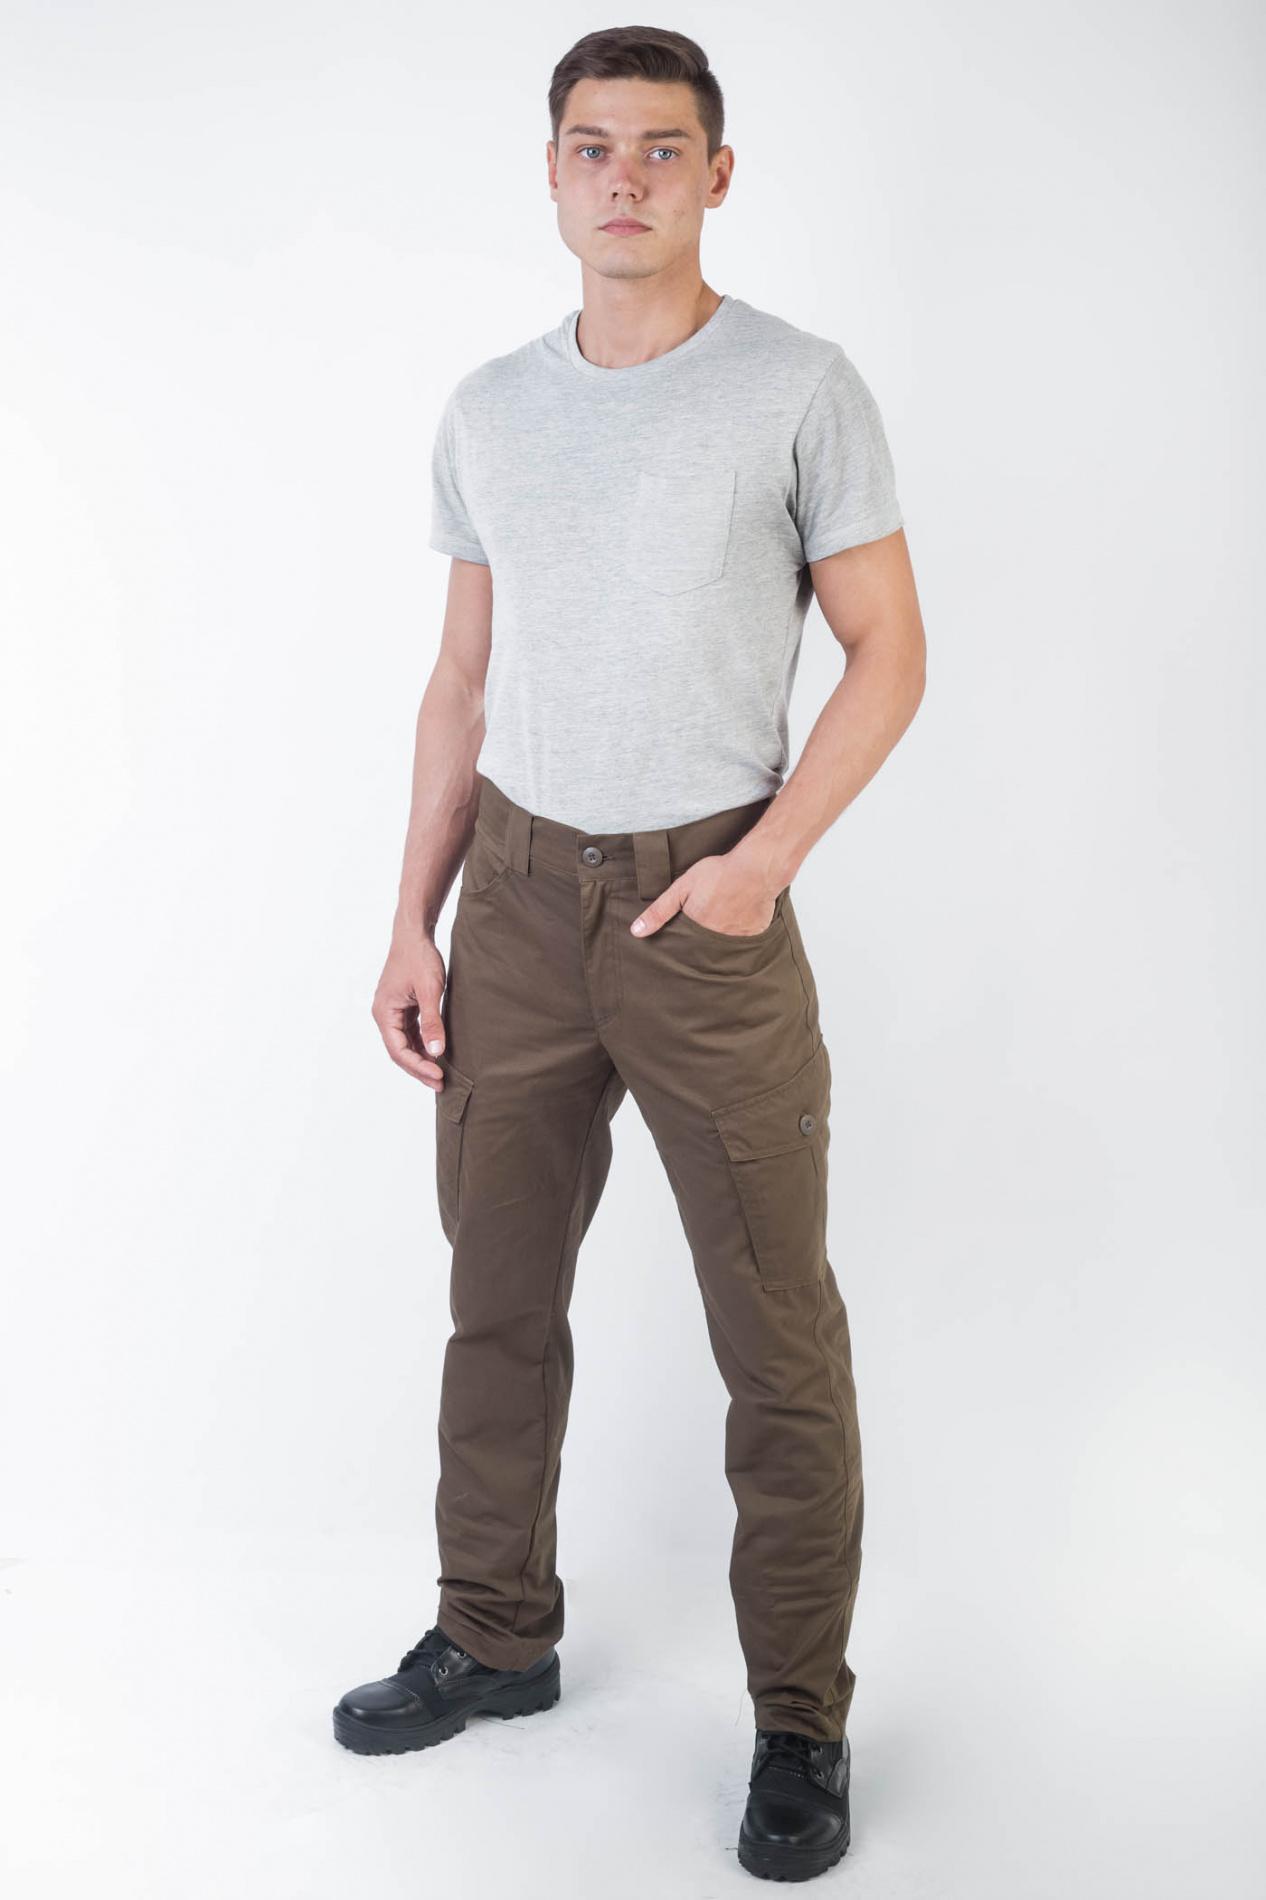 Брюки Беркут Коричневые(хлопок) TRITON (60-62/170-176)Брюки неутепленные<br>Удобные универсальные брюки, разработанные <br>для повседневной носки и активного отдыха <br>в летний период. Не стесняющие движения, <br>изготовленные из качественного материала <br>Рип Стоп. ОСОБЕННОСТИ: 1) Брюки прямые; <br>2) Пояс со шлёвками для ношения ремня; 3) 4 <br>функциональных кармана; 4) Кокетка на задней <br>половинке; 5) Застёжка-гульфик на молнии <br>с пуговицей. <br><br>Пол: мужской<br>Размер: 60-62<br>Рост: 170-176<br>Сезон: лето<br>Цвет: коричневый